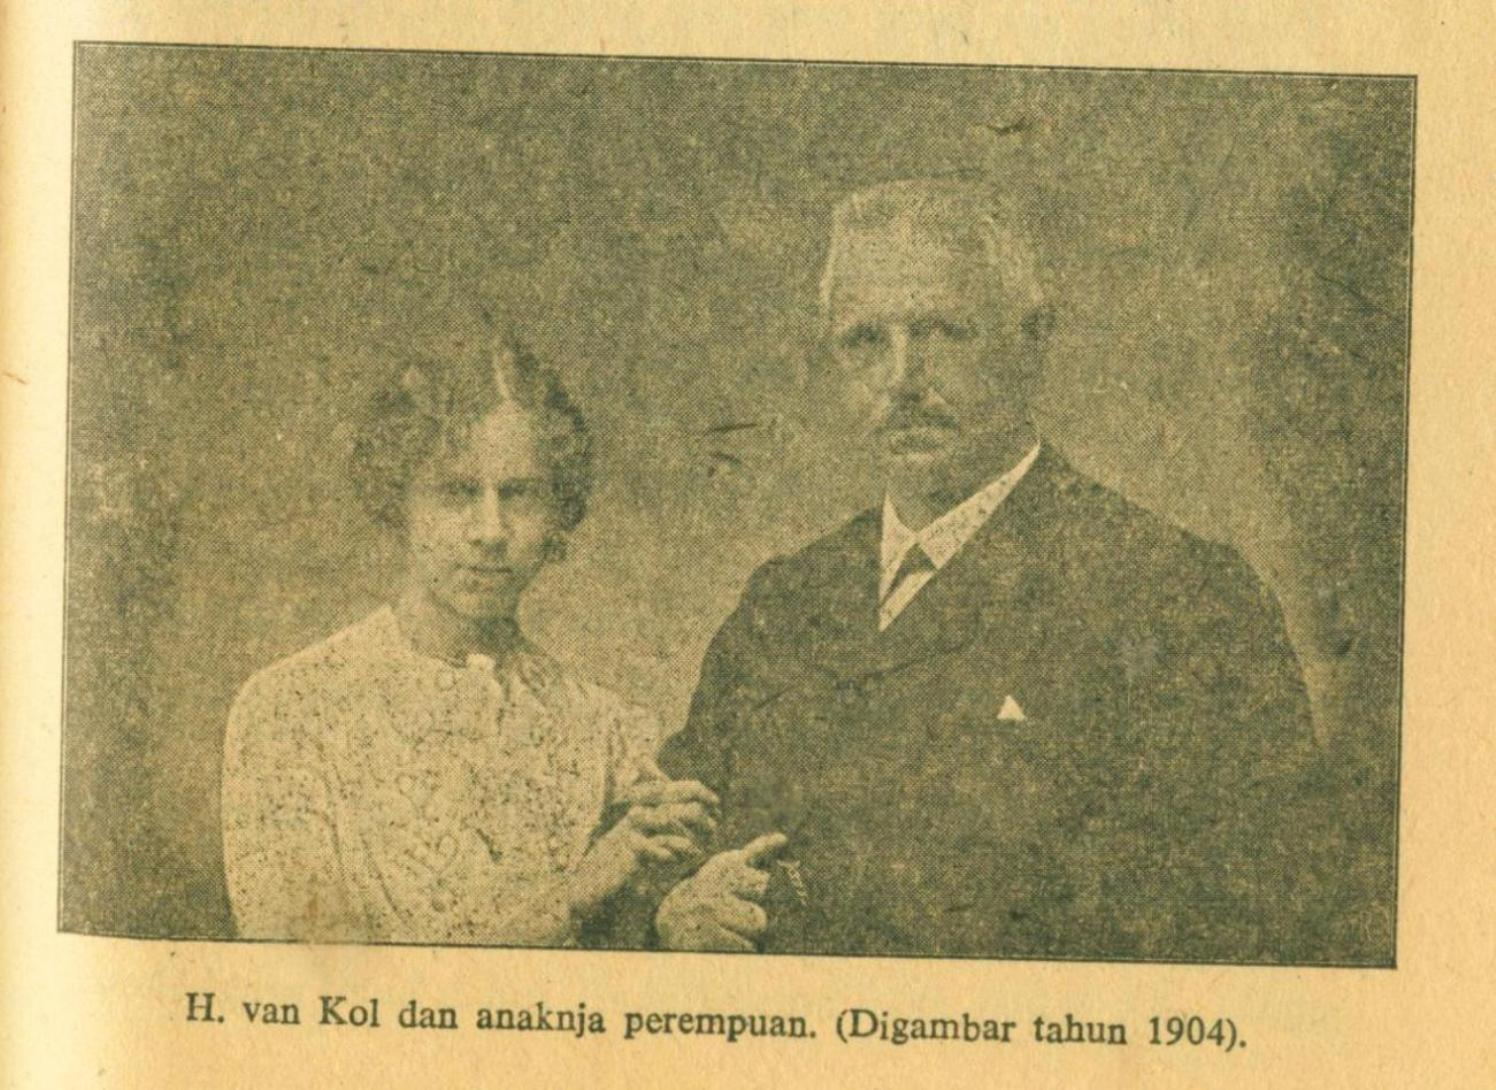 Tuan van Kol merupakan salah satu sahabat pena Kartini